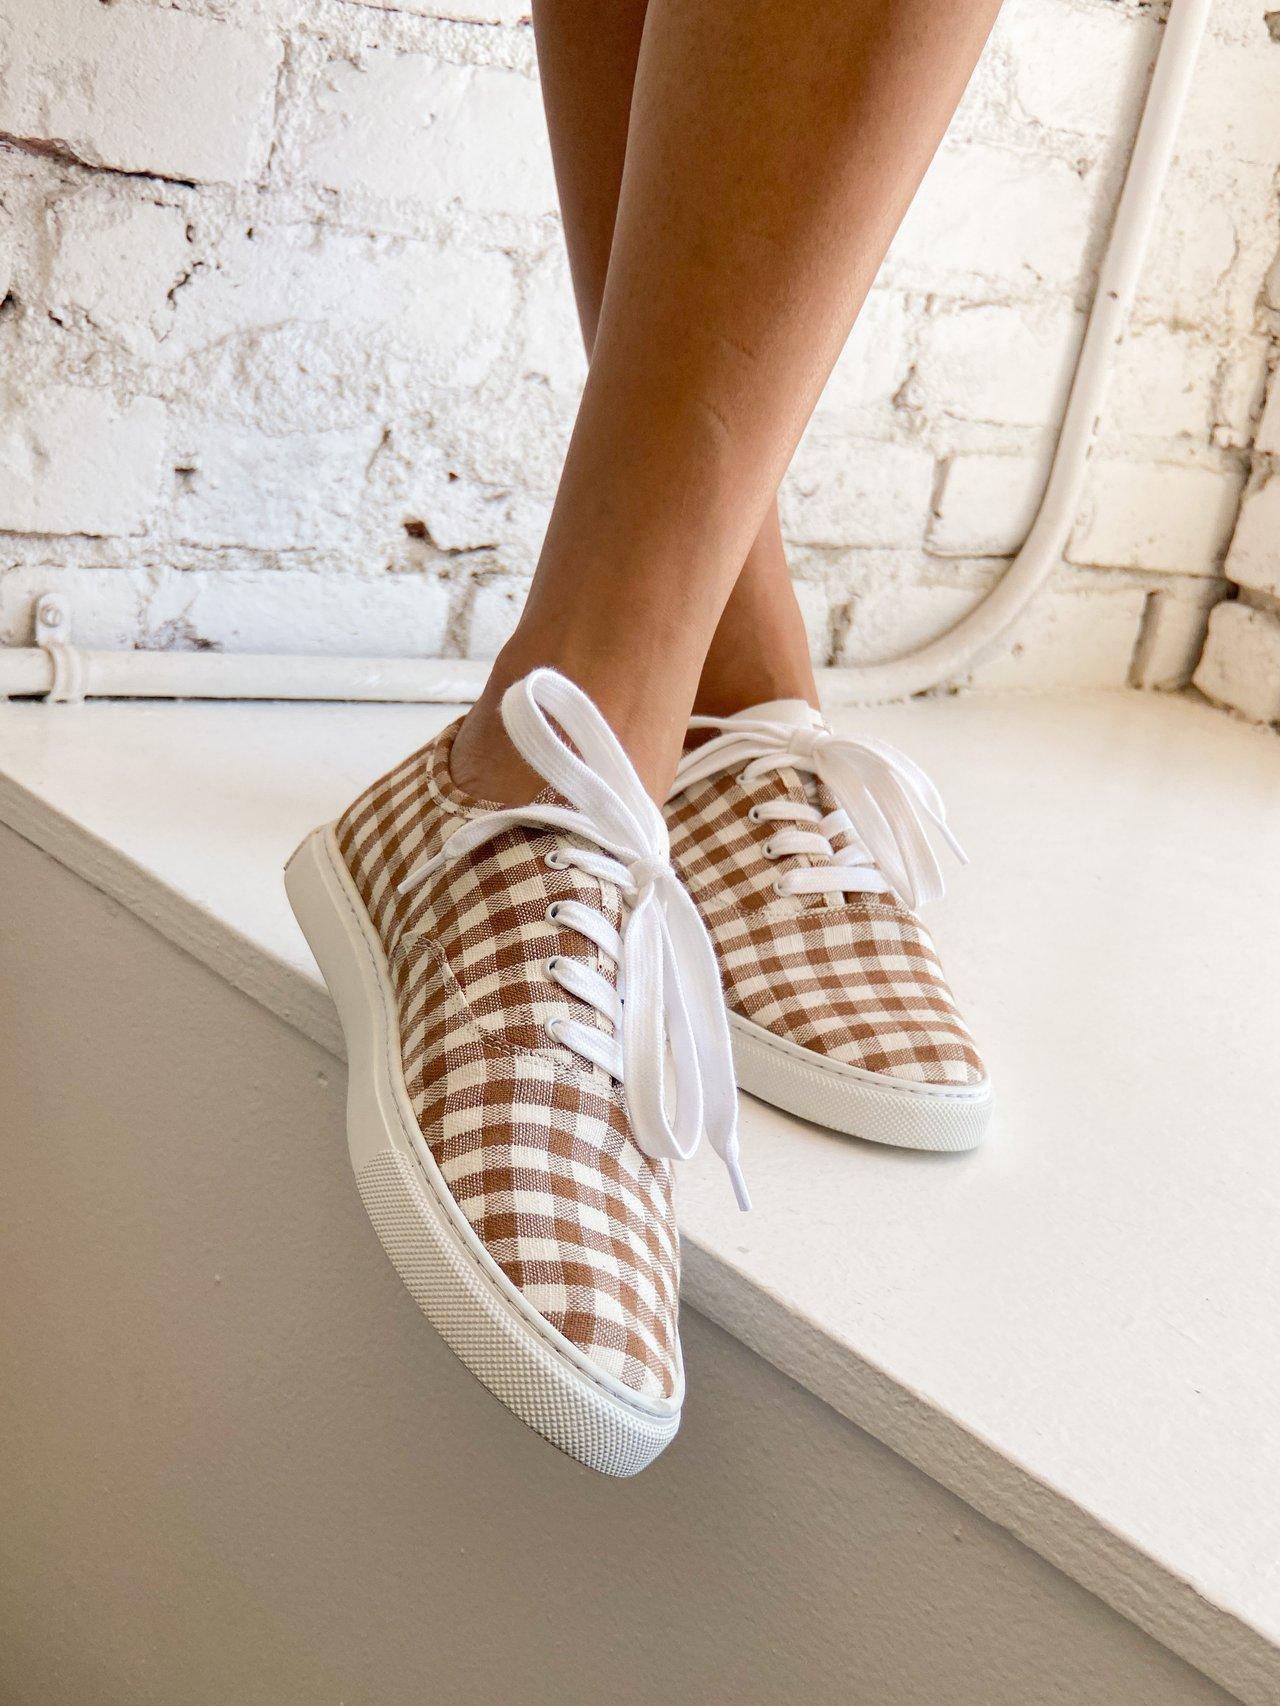 woman wearing Loeffler Randall Keegan Brown Gingham Casual Sneakers